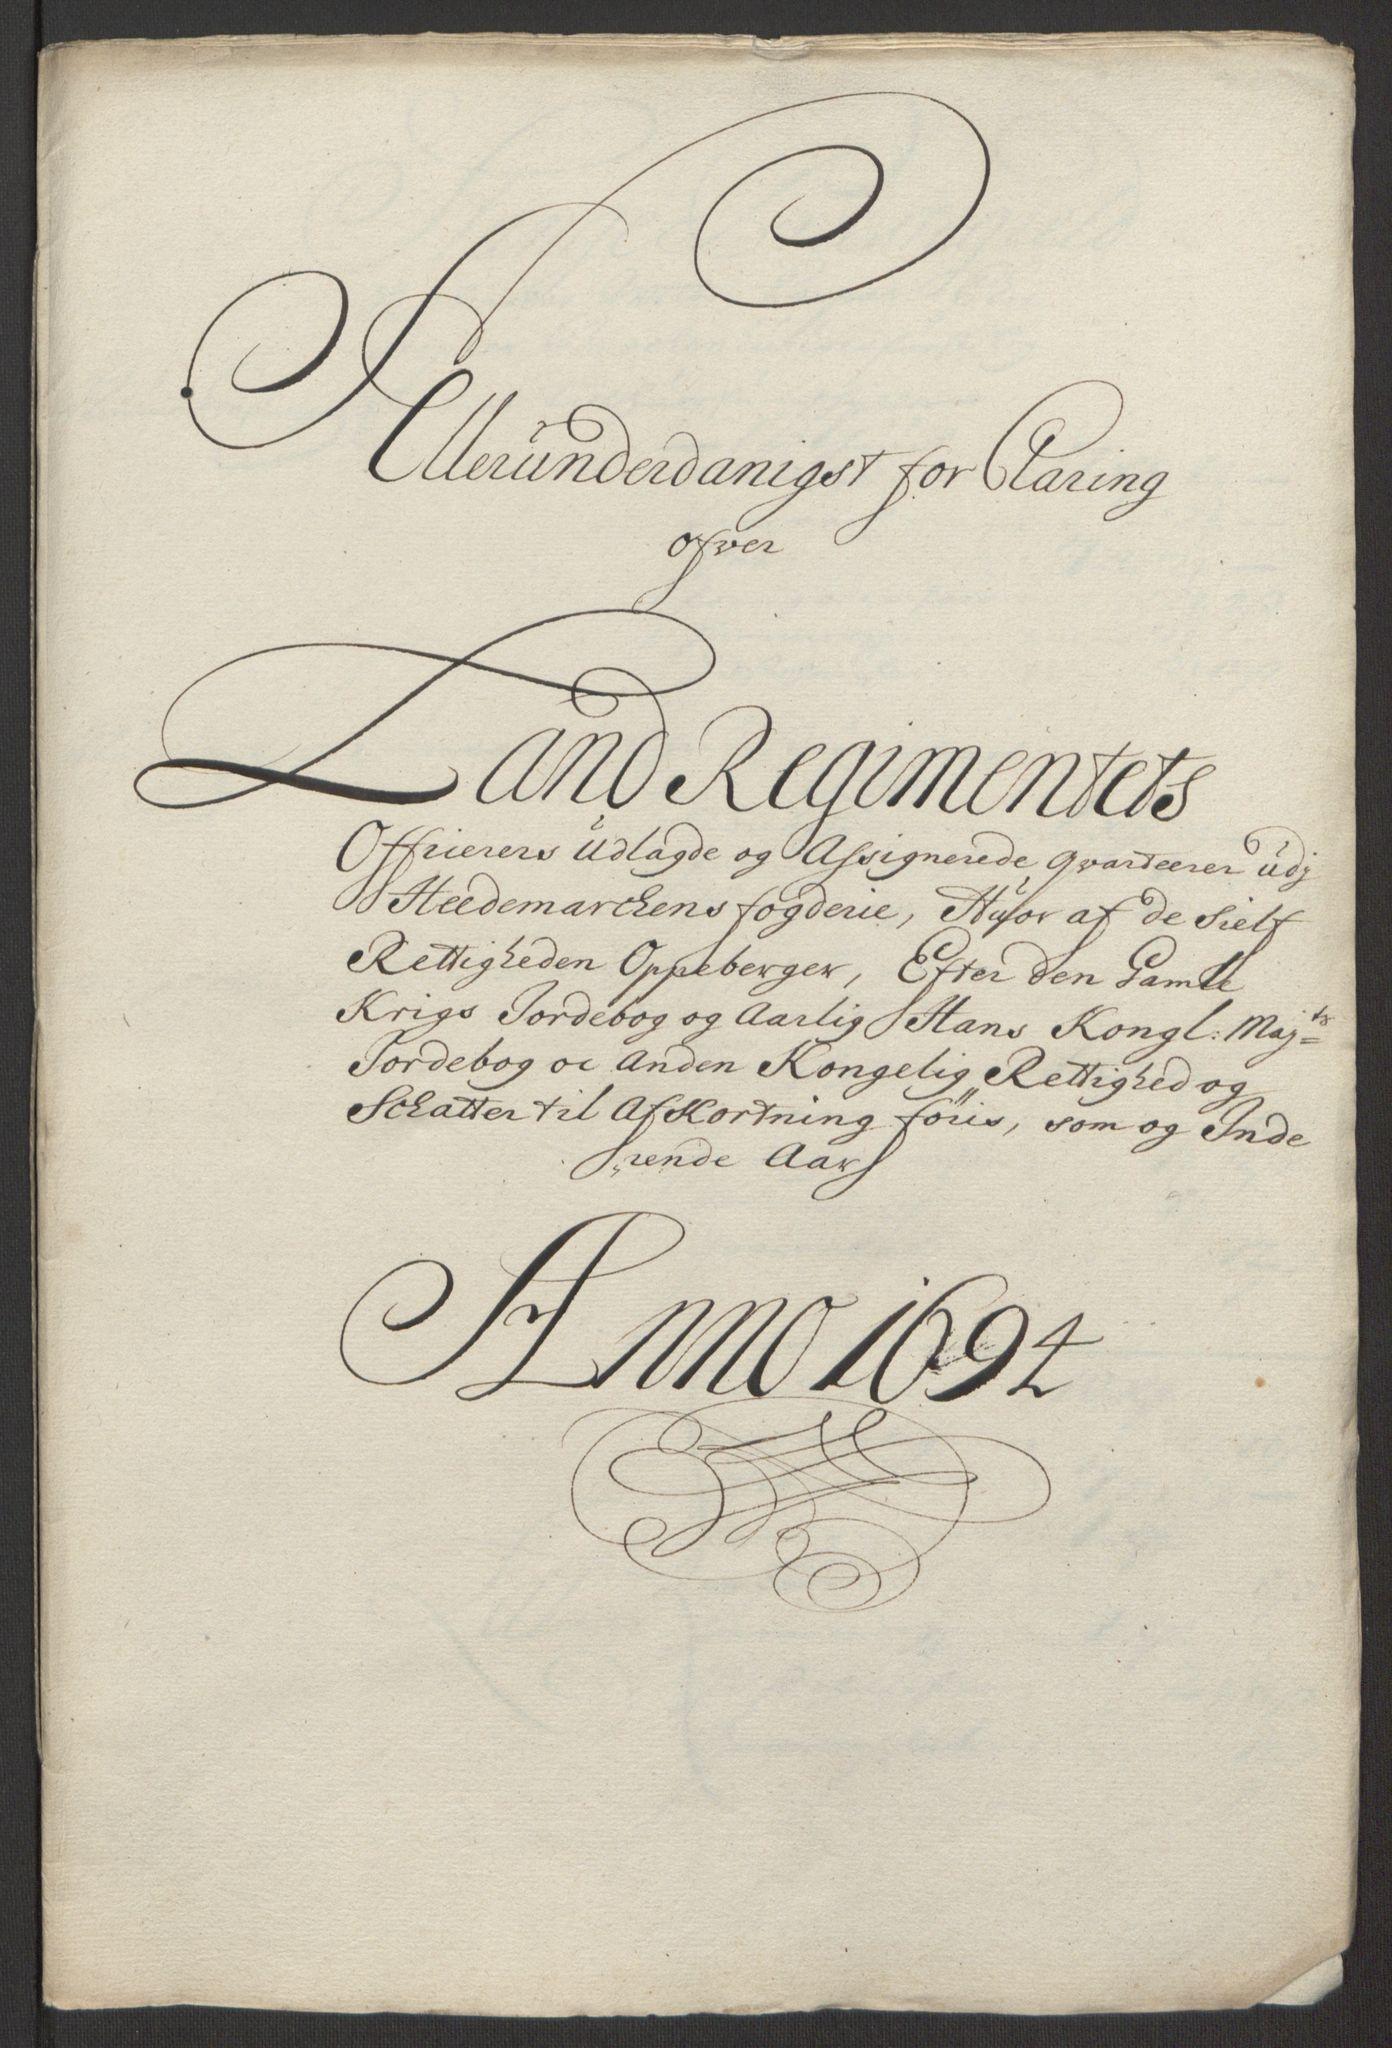 RA, Rentekammeret inntil 1814, Reviderte regnskaper, Fogderegnskap, R16/L1035: Fogderegnskap Hedmark, 1694, s. 137